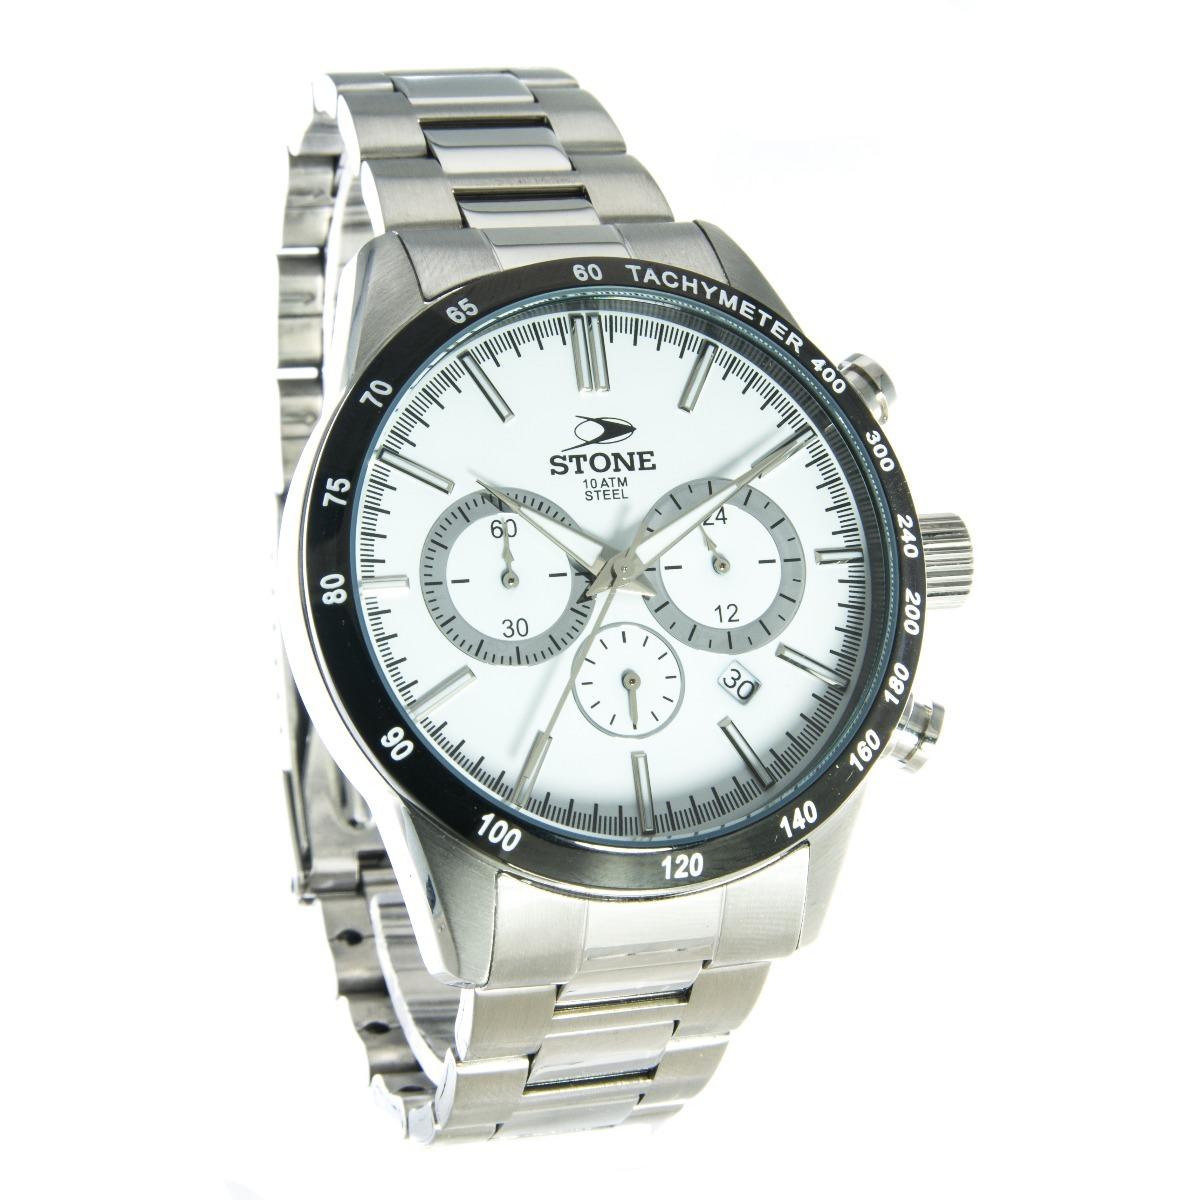 b3e76033516b Reloj Pulsera Cronografo Stone